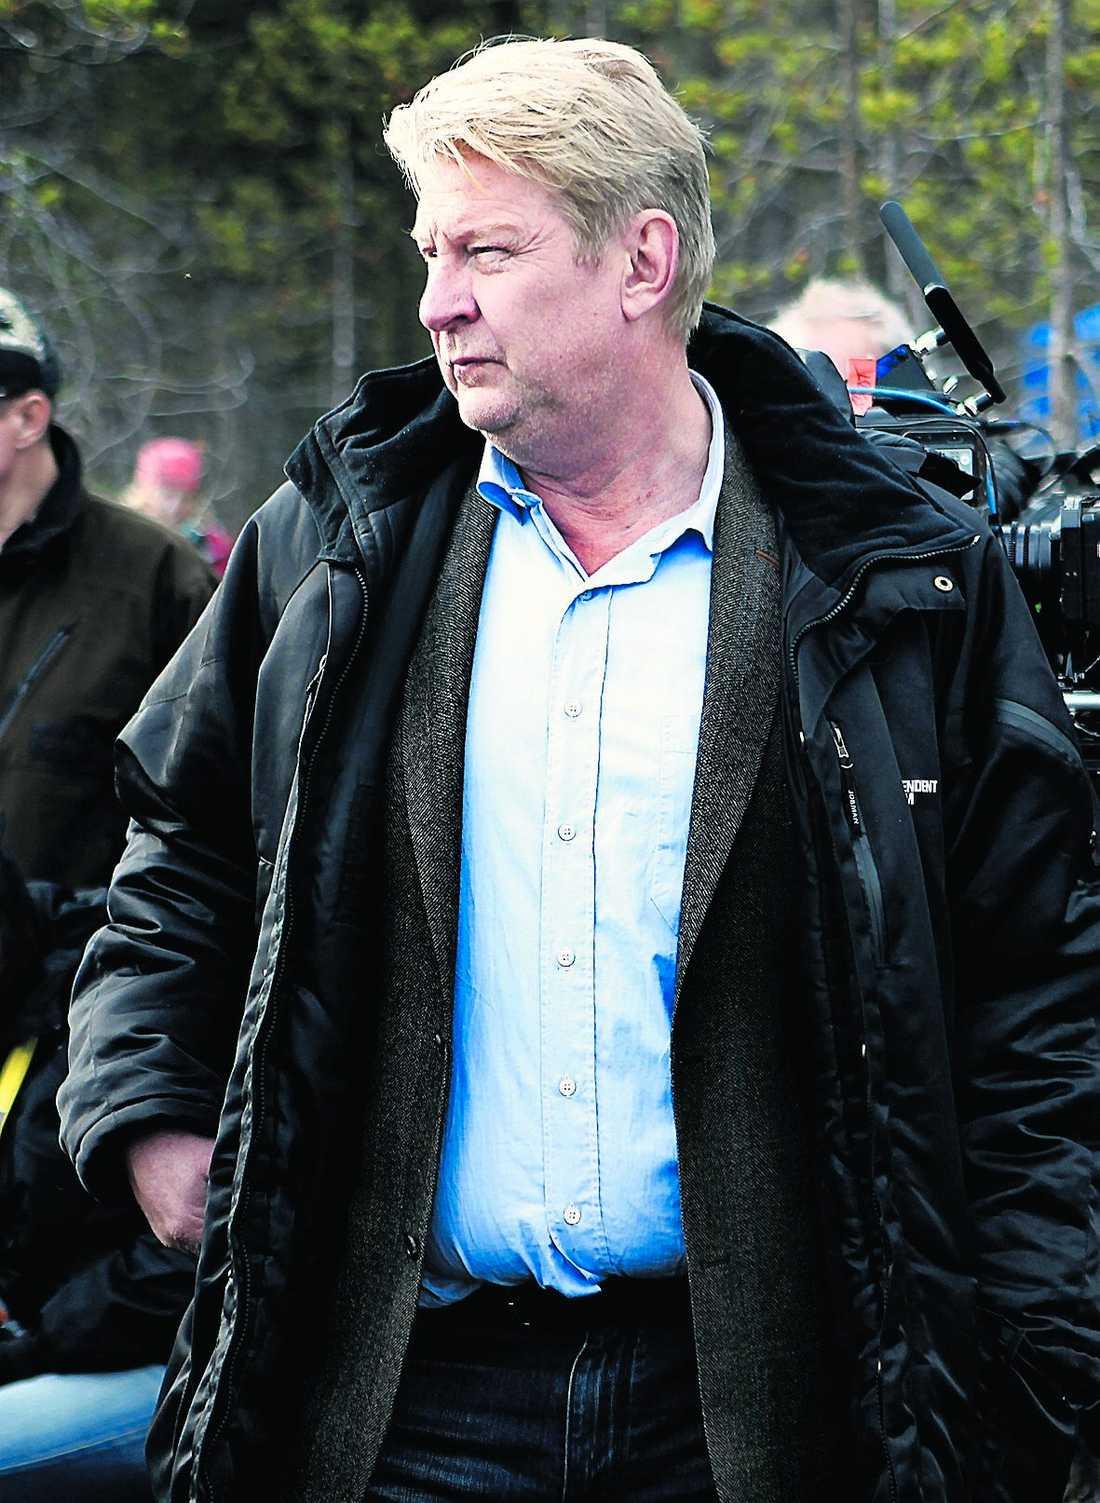 Rolf Lassgård spelar återigen poliskommisarien Erik.